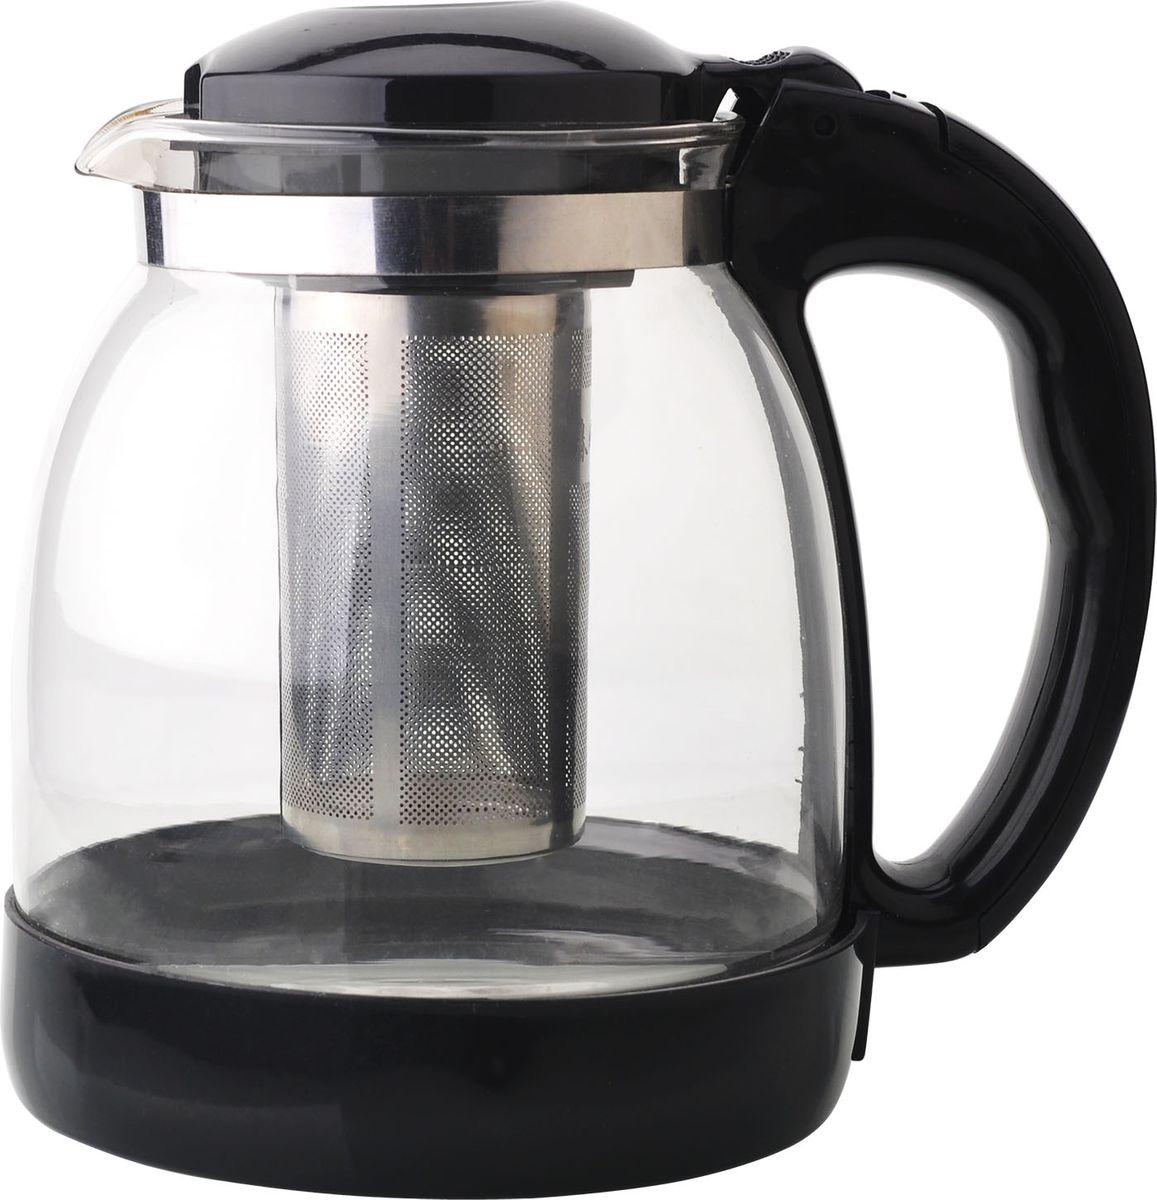 Чайник заварочный Bekker, цвет: черный, 1,8 лBK-7630Ручка и крышка пластиковая цветная. Ситечко из нержавеющей стали. Автоматическое открывание крышки. Подходит для чистки в посудомоечной машине. Состав: жаропрочное стекло. Объем: 1,8 л.